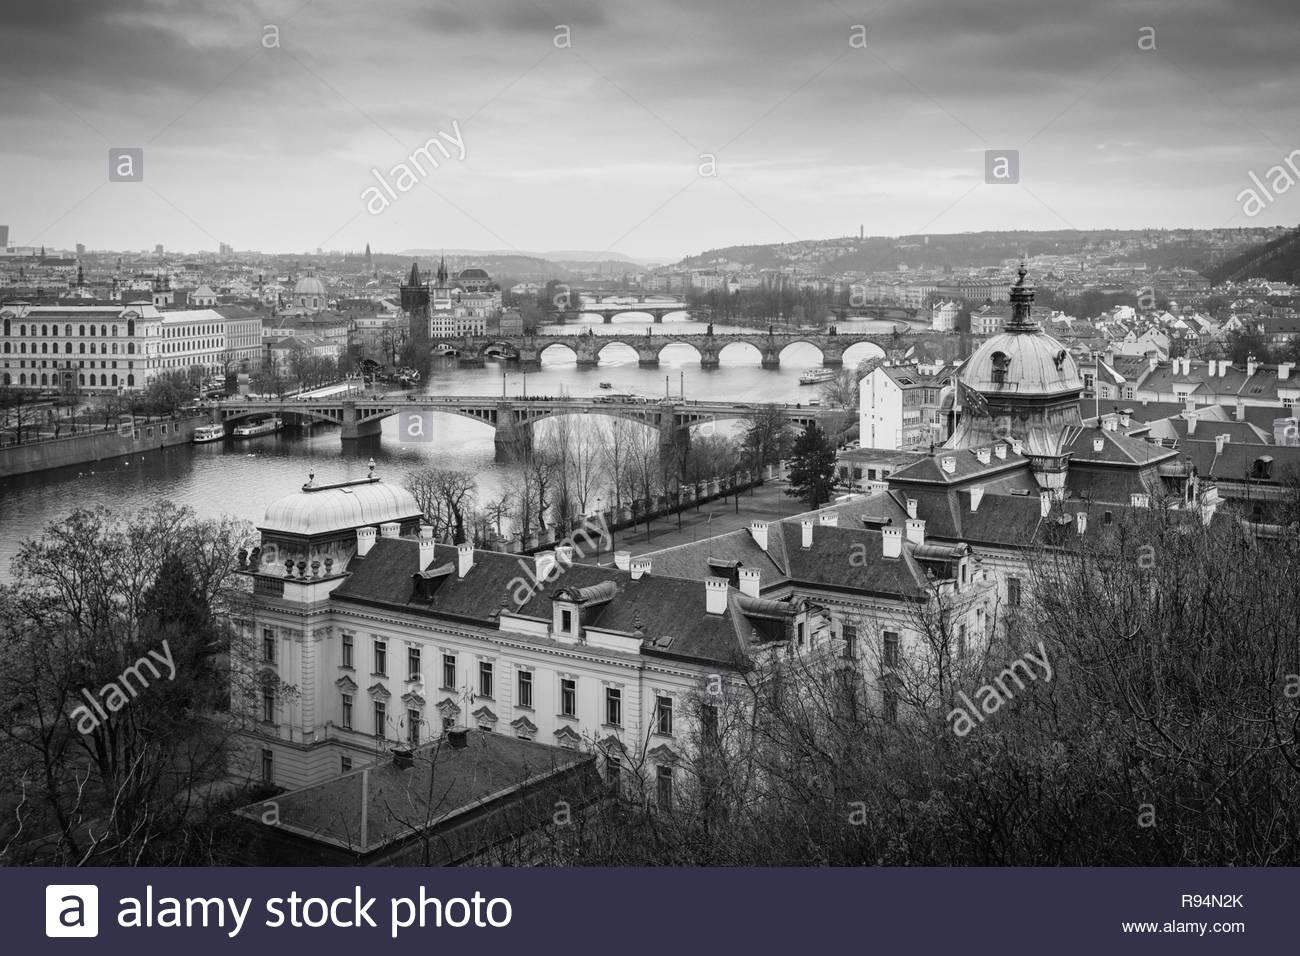 Belle vieille monochrome vue panoramique de Pont Charles et de la rivière Vltava à Prague, République Tchèque Photo Stock